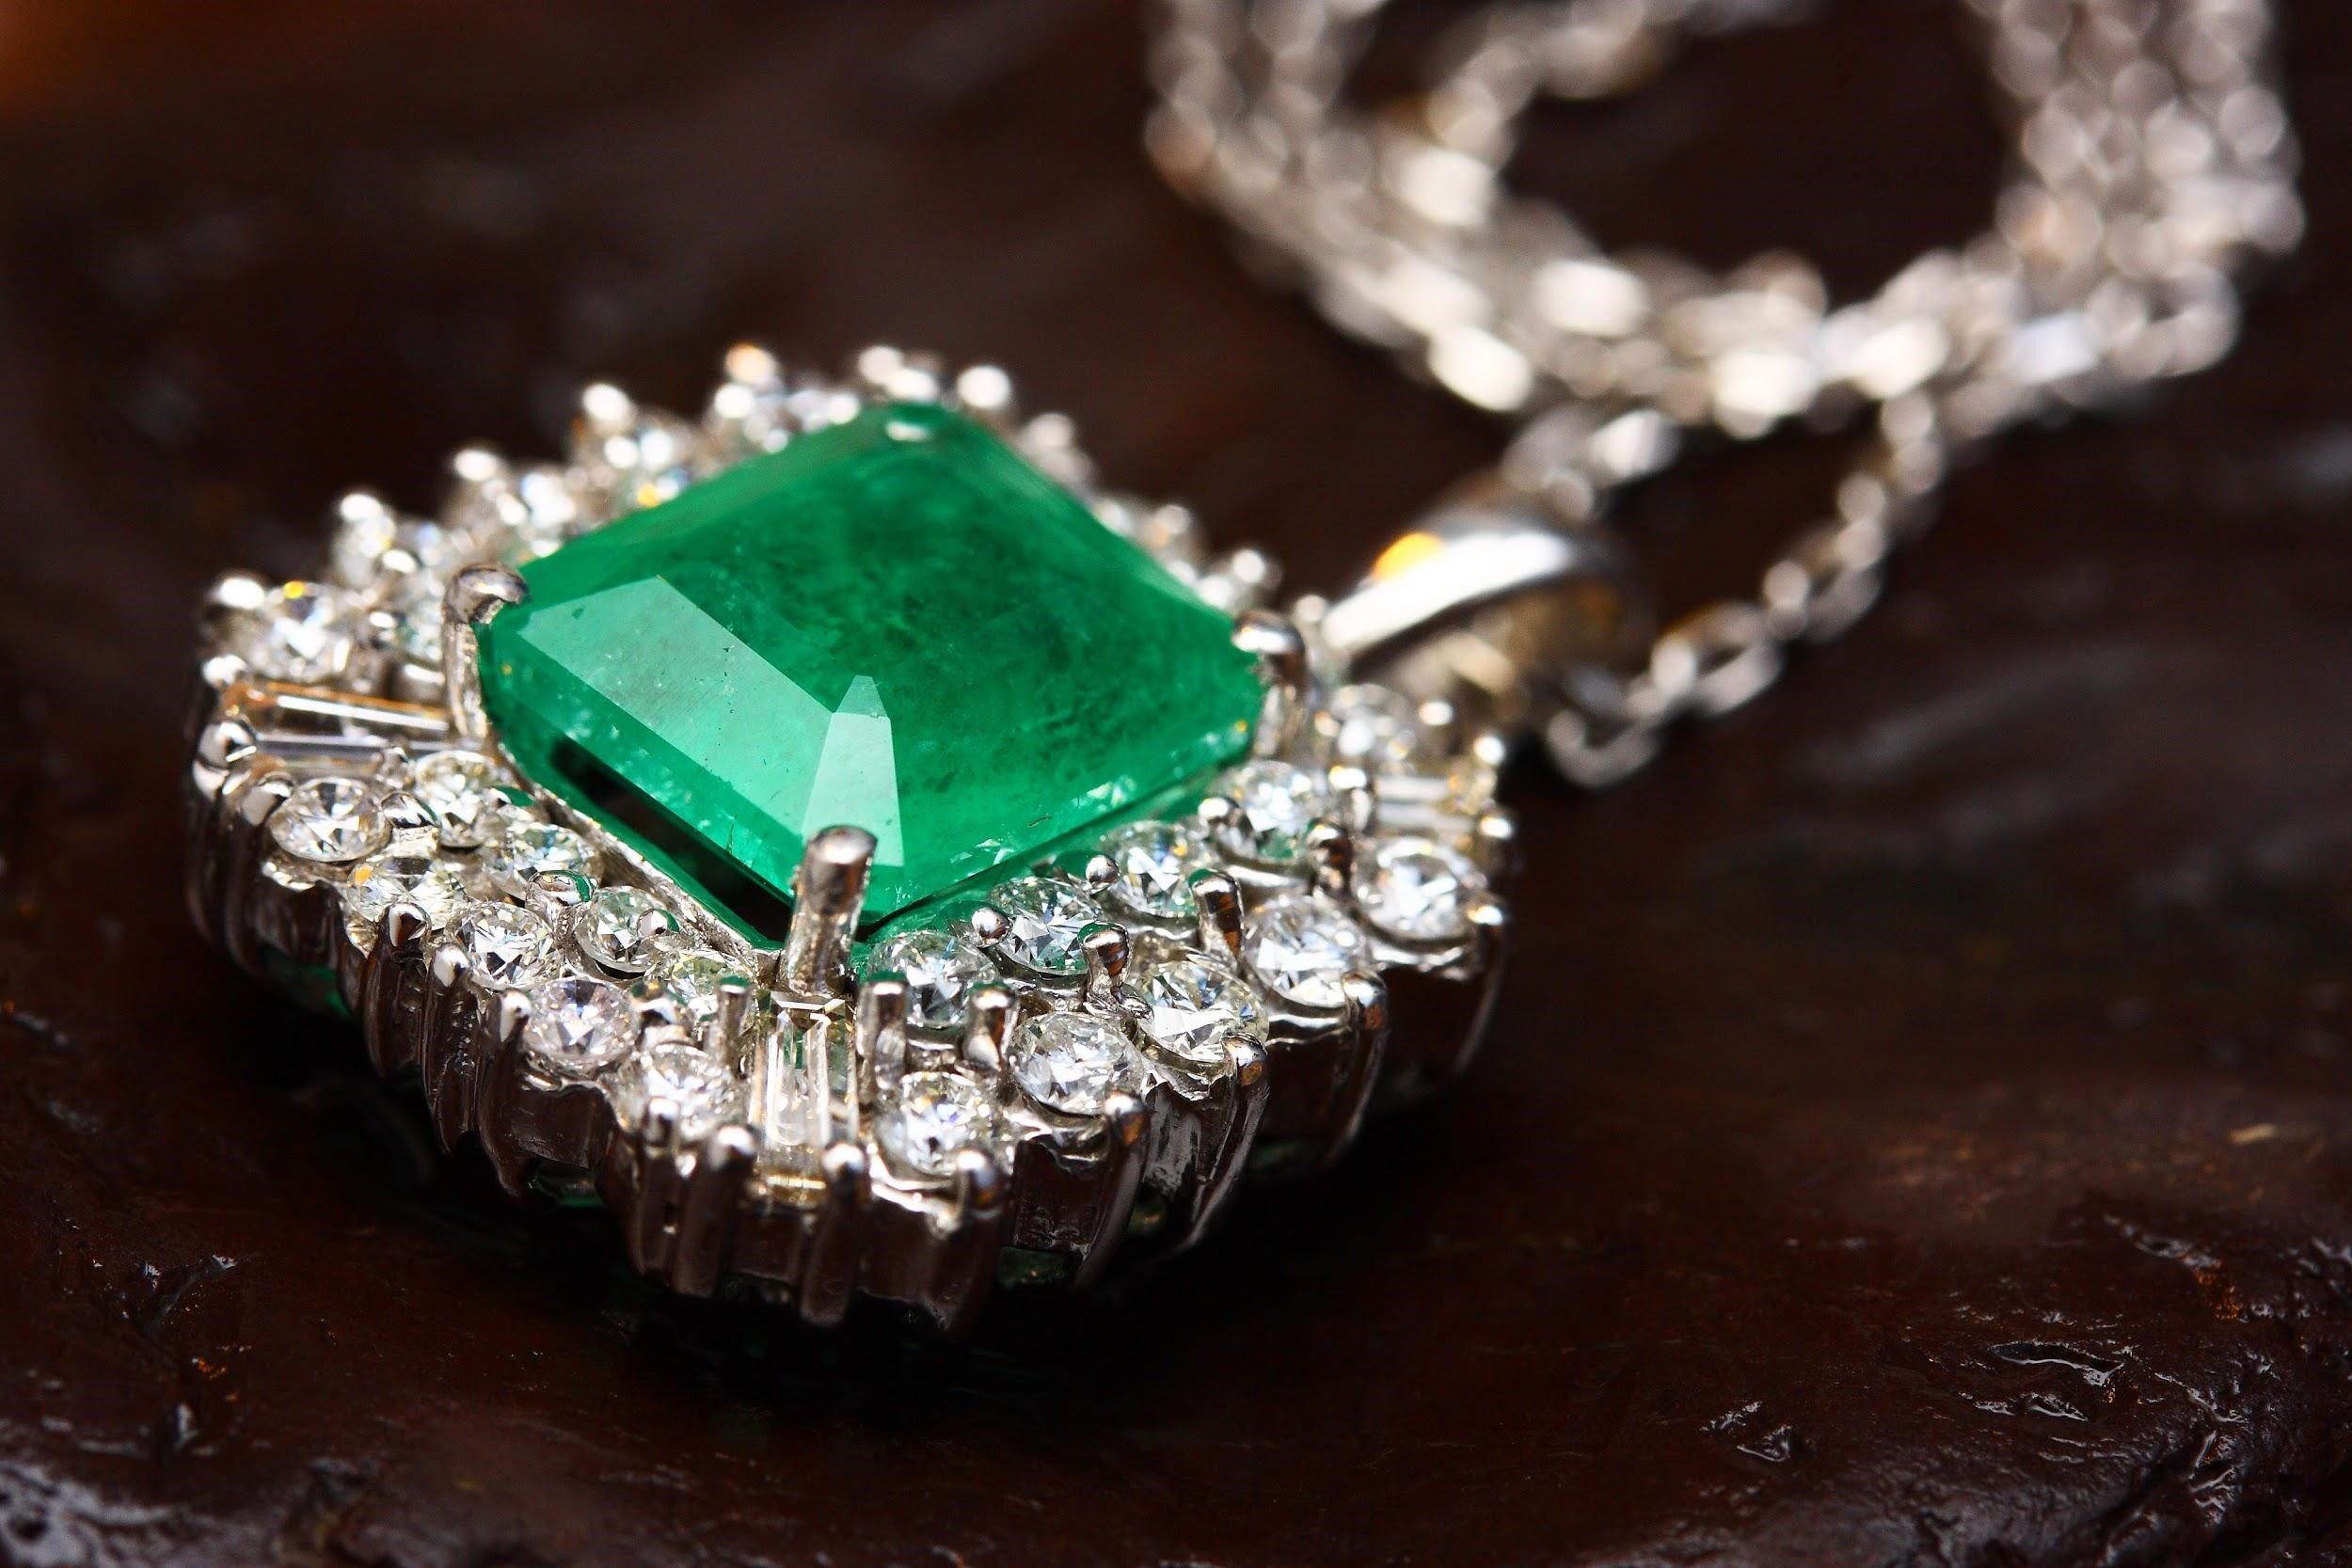 green jewel.jpg